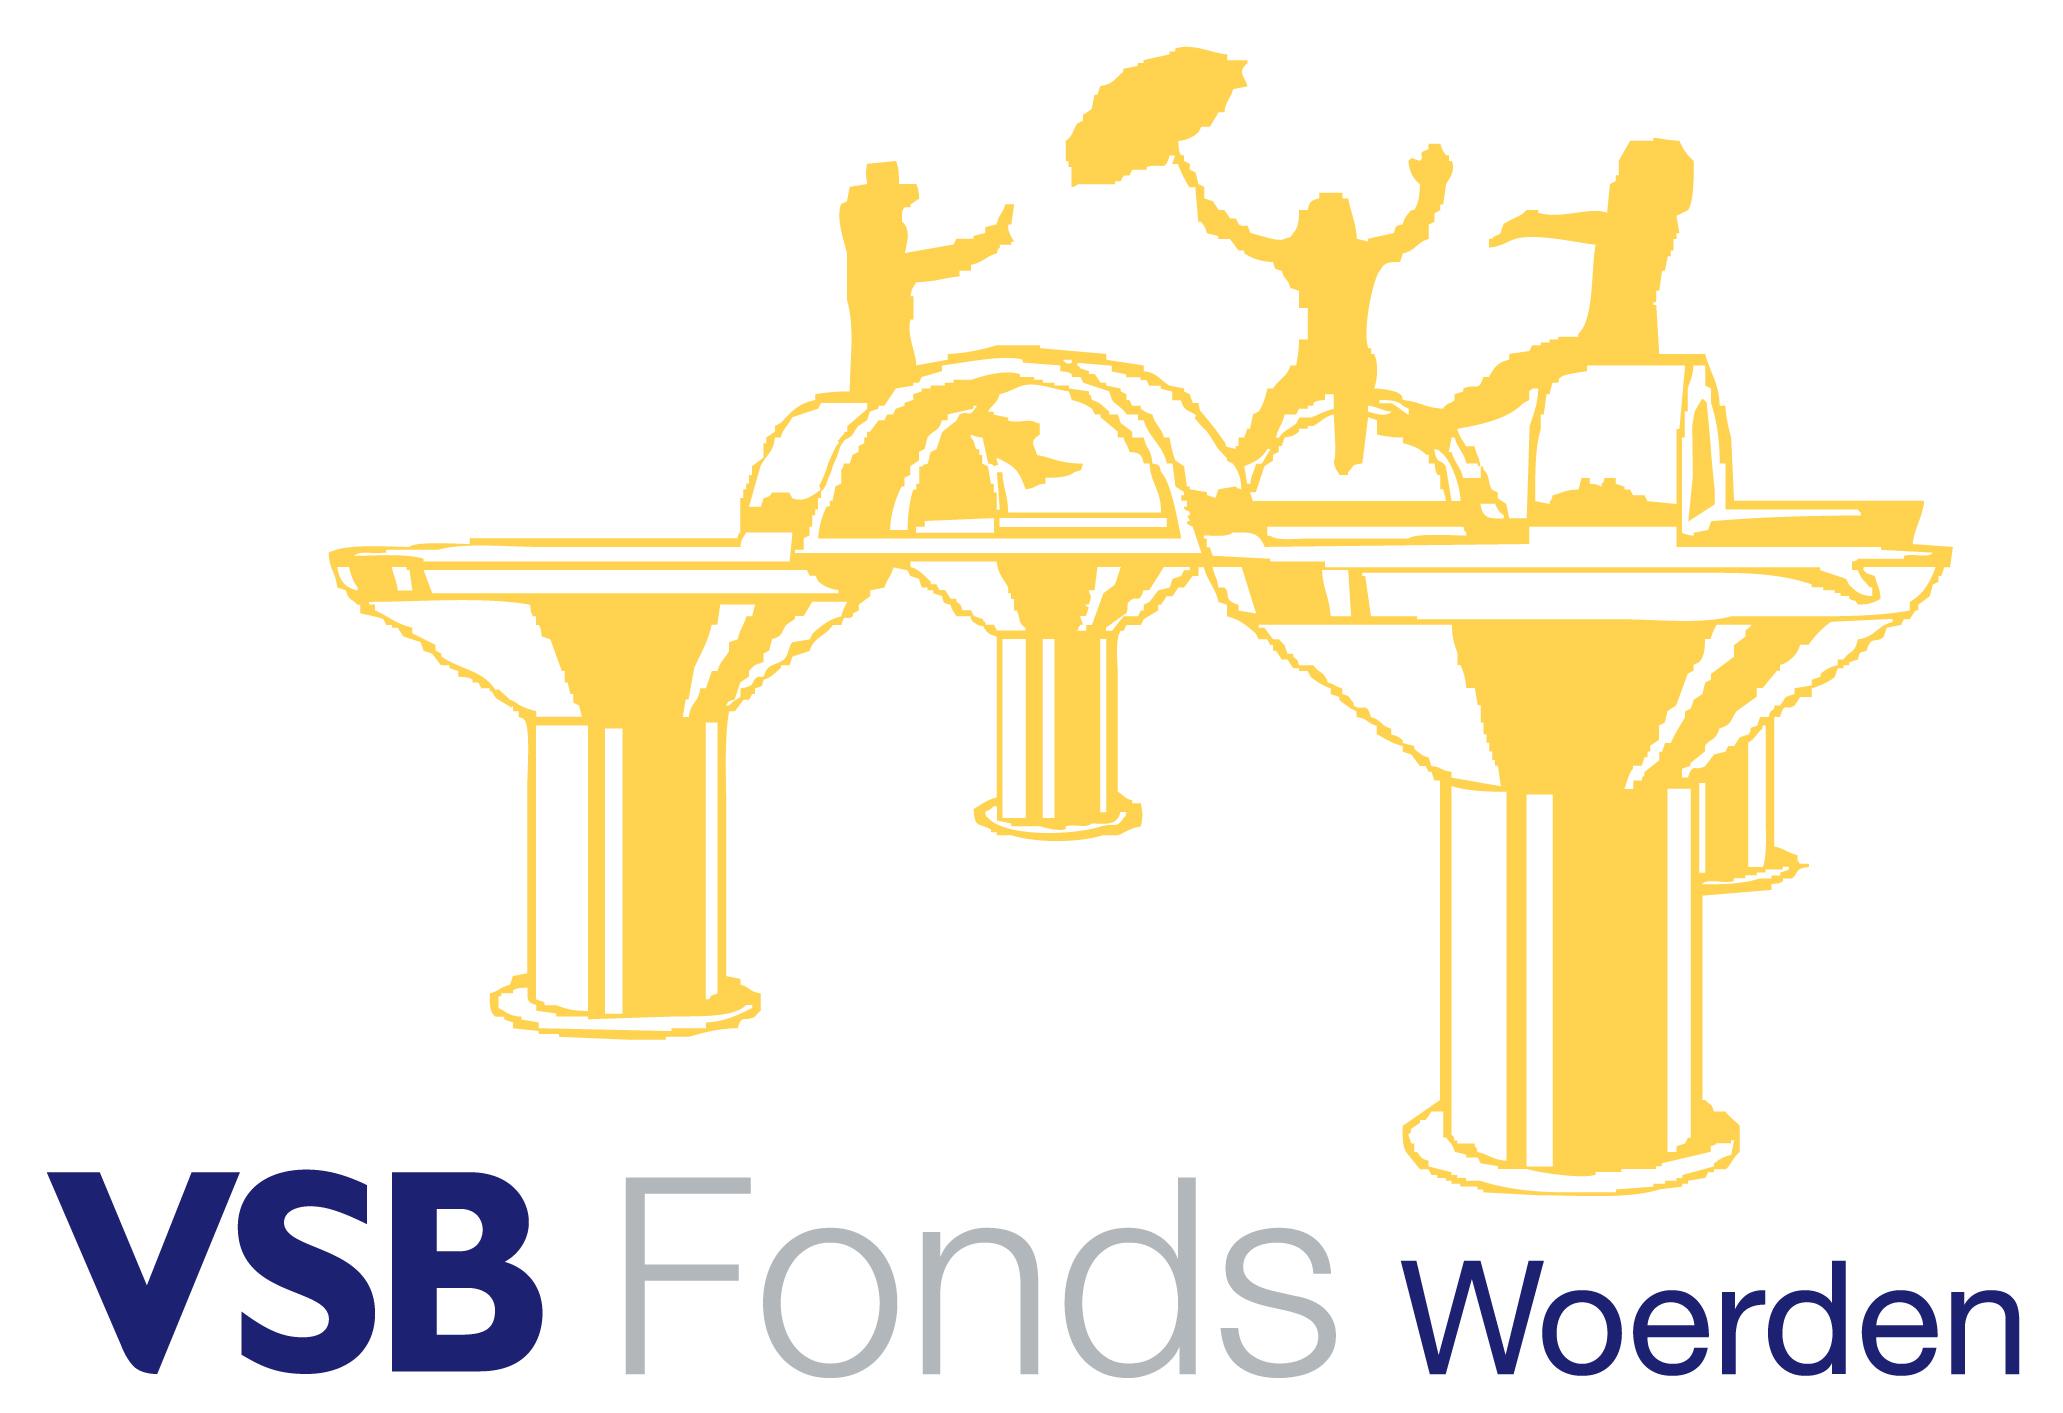 VSB Fonds Woerden steunt initiatief WSVW